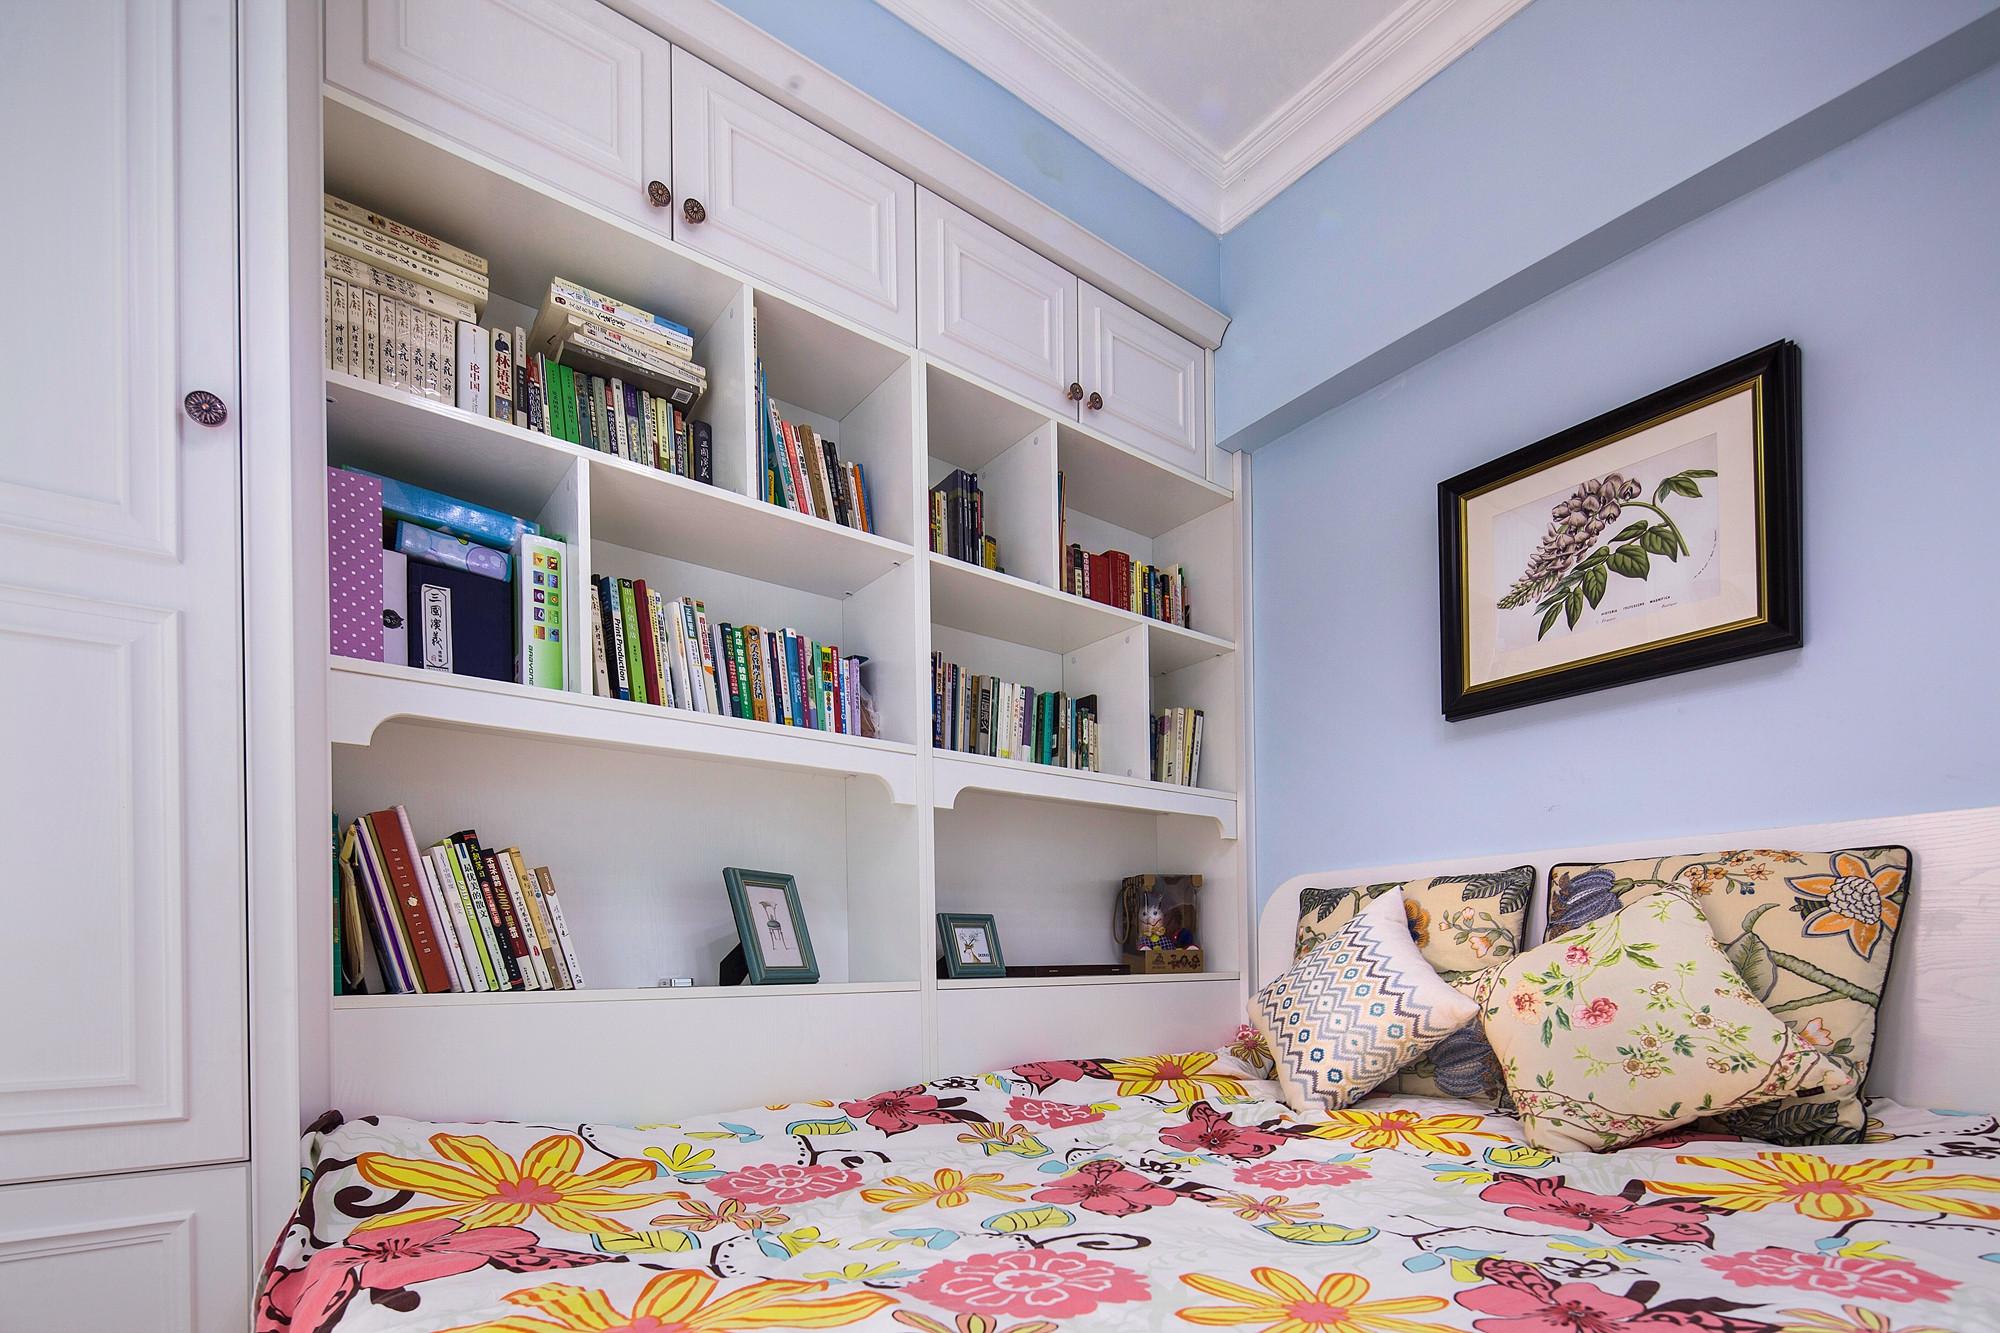 美式三居装修书架图片